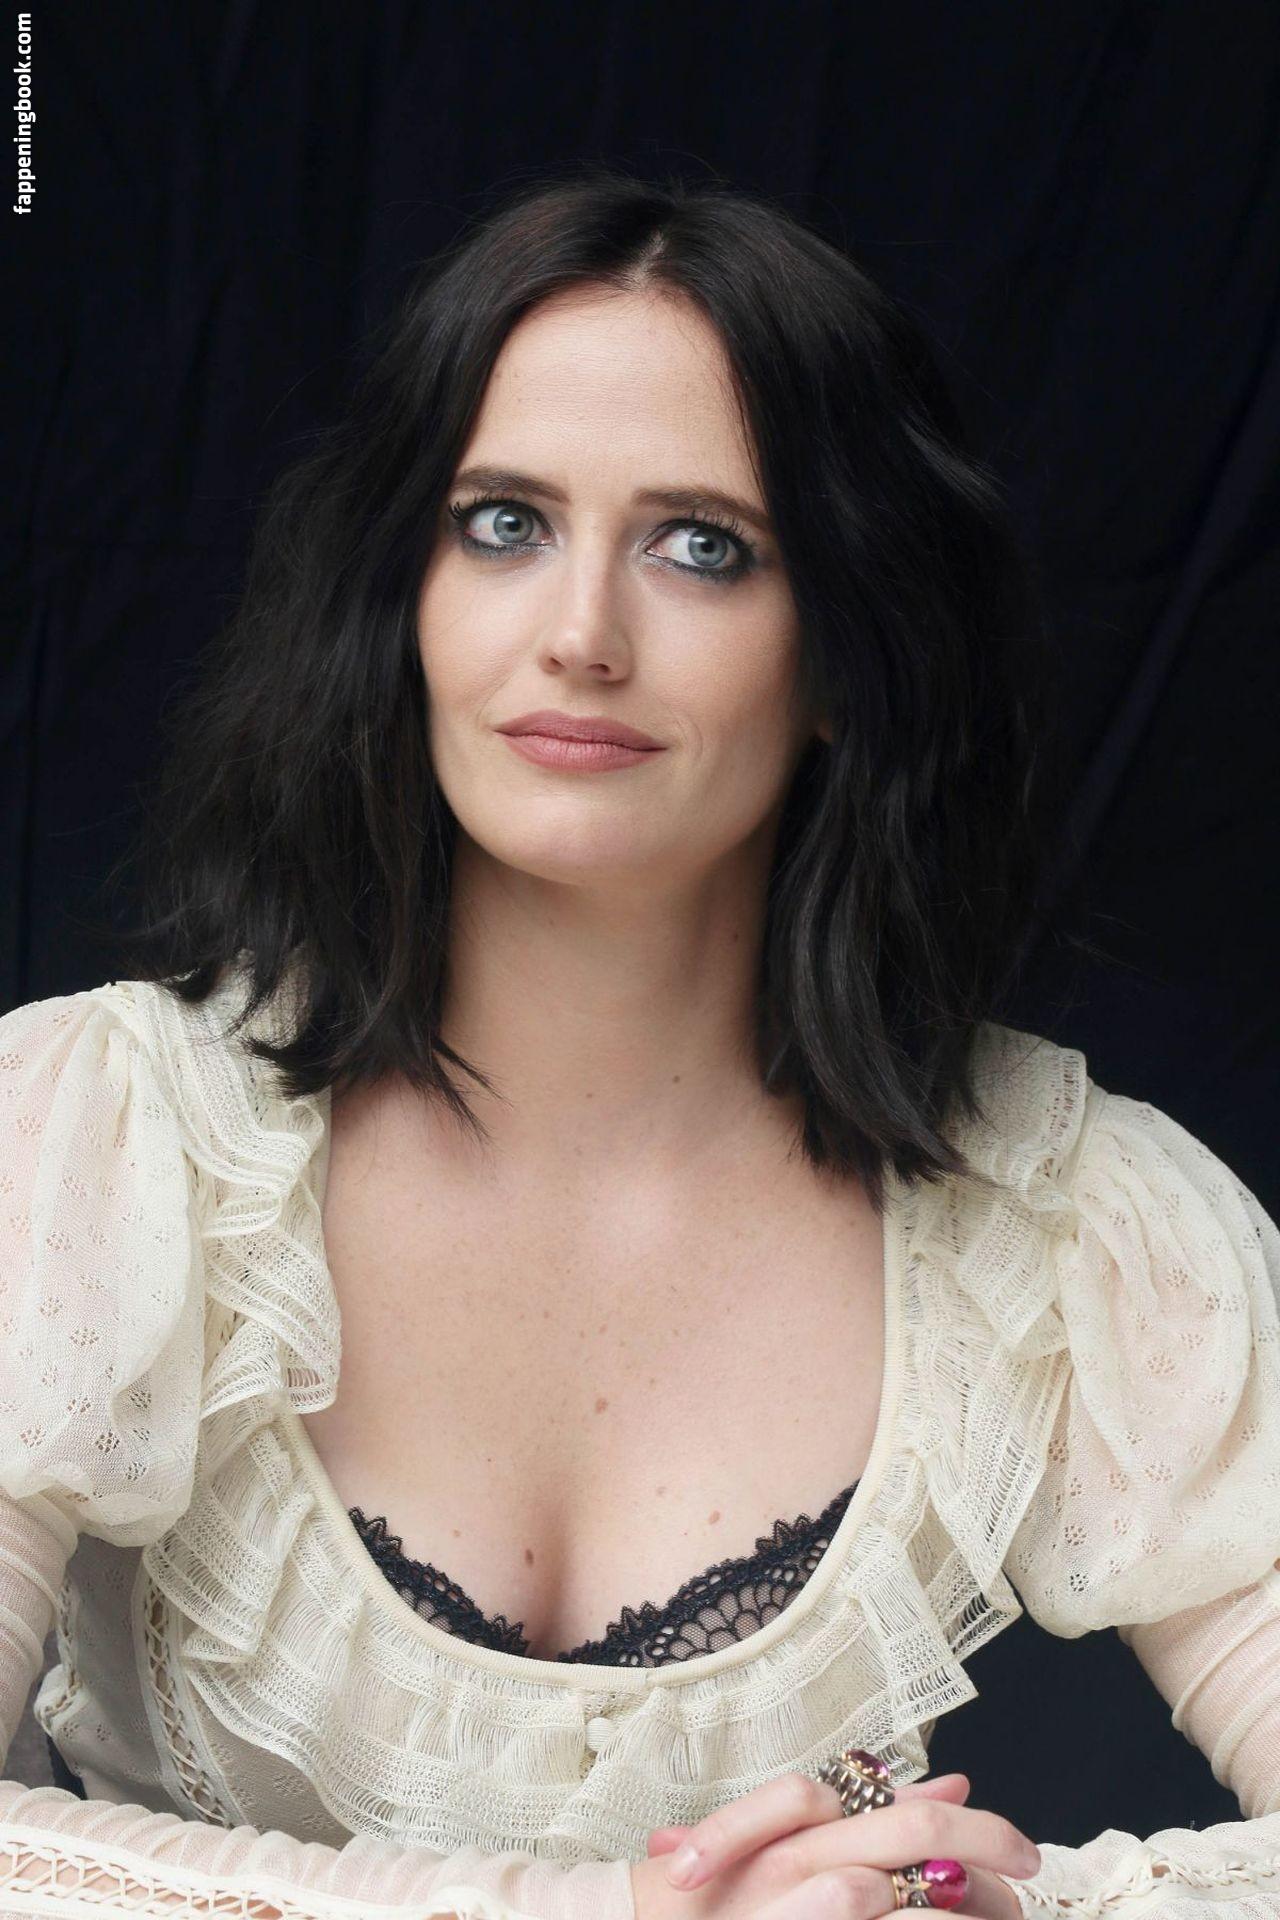 Eva Amurri Nude, Sexy, The Fappening, Uncensored - Photo